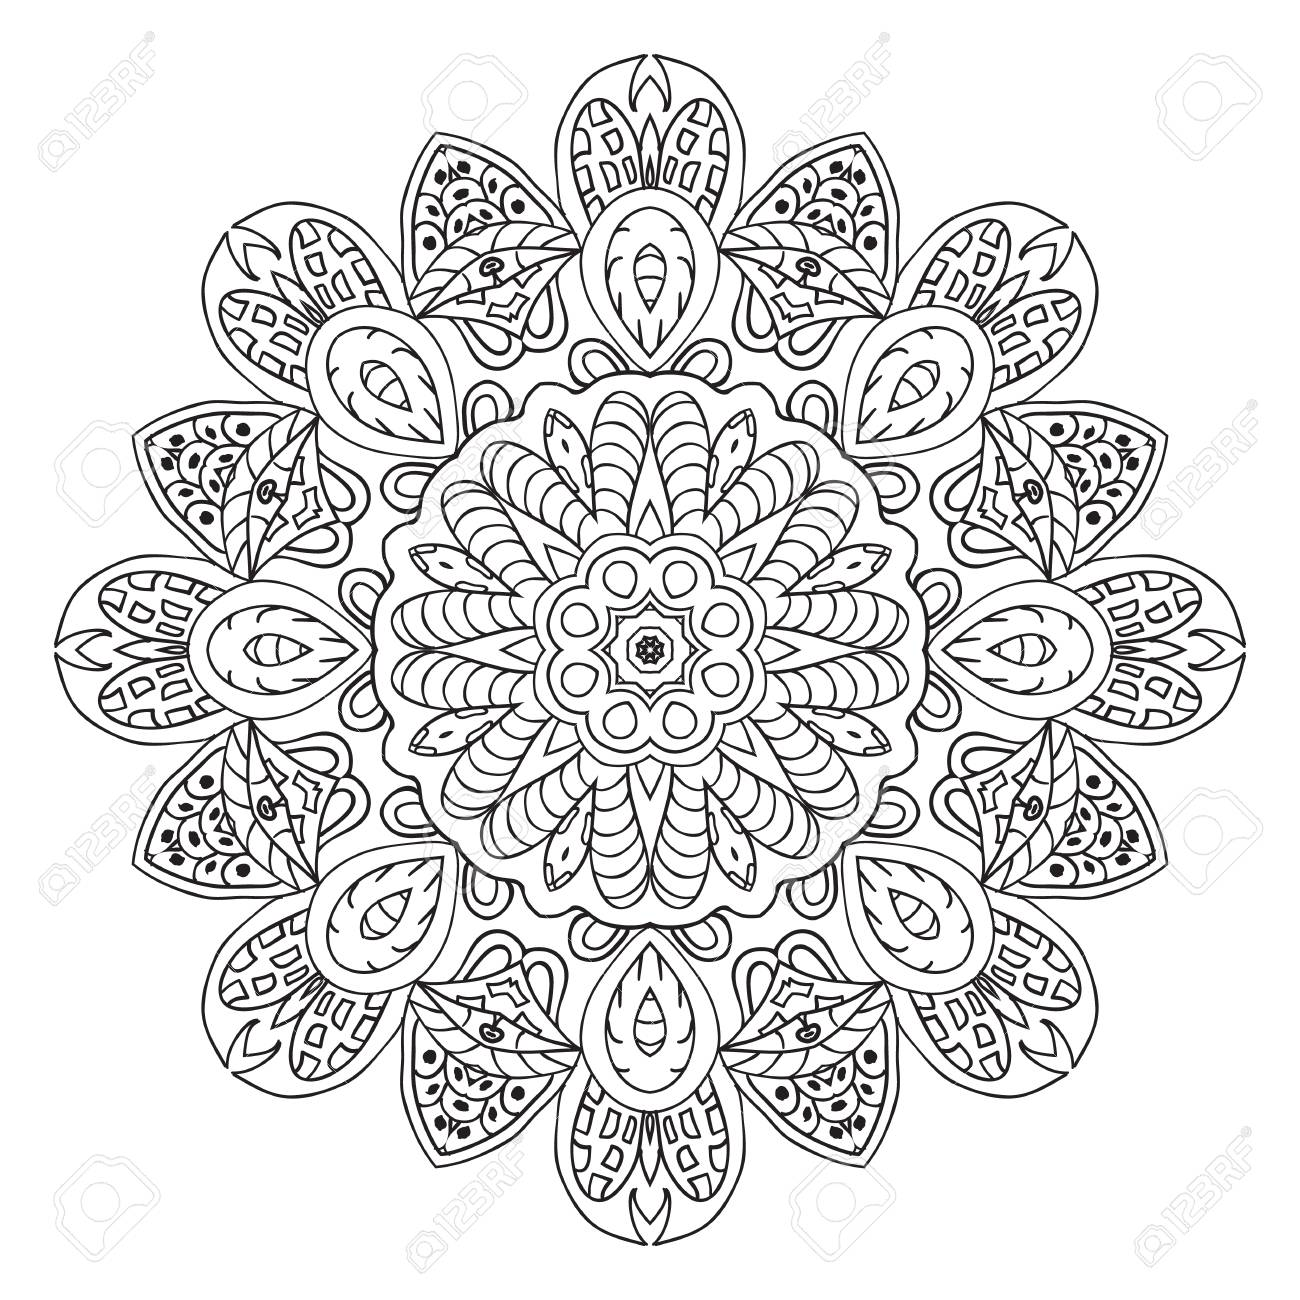 Mandala-Doodle-Zeichnung. Runde Blumenverzierung. Ethnische ...